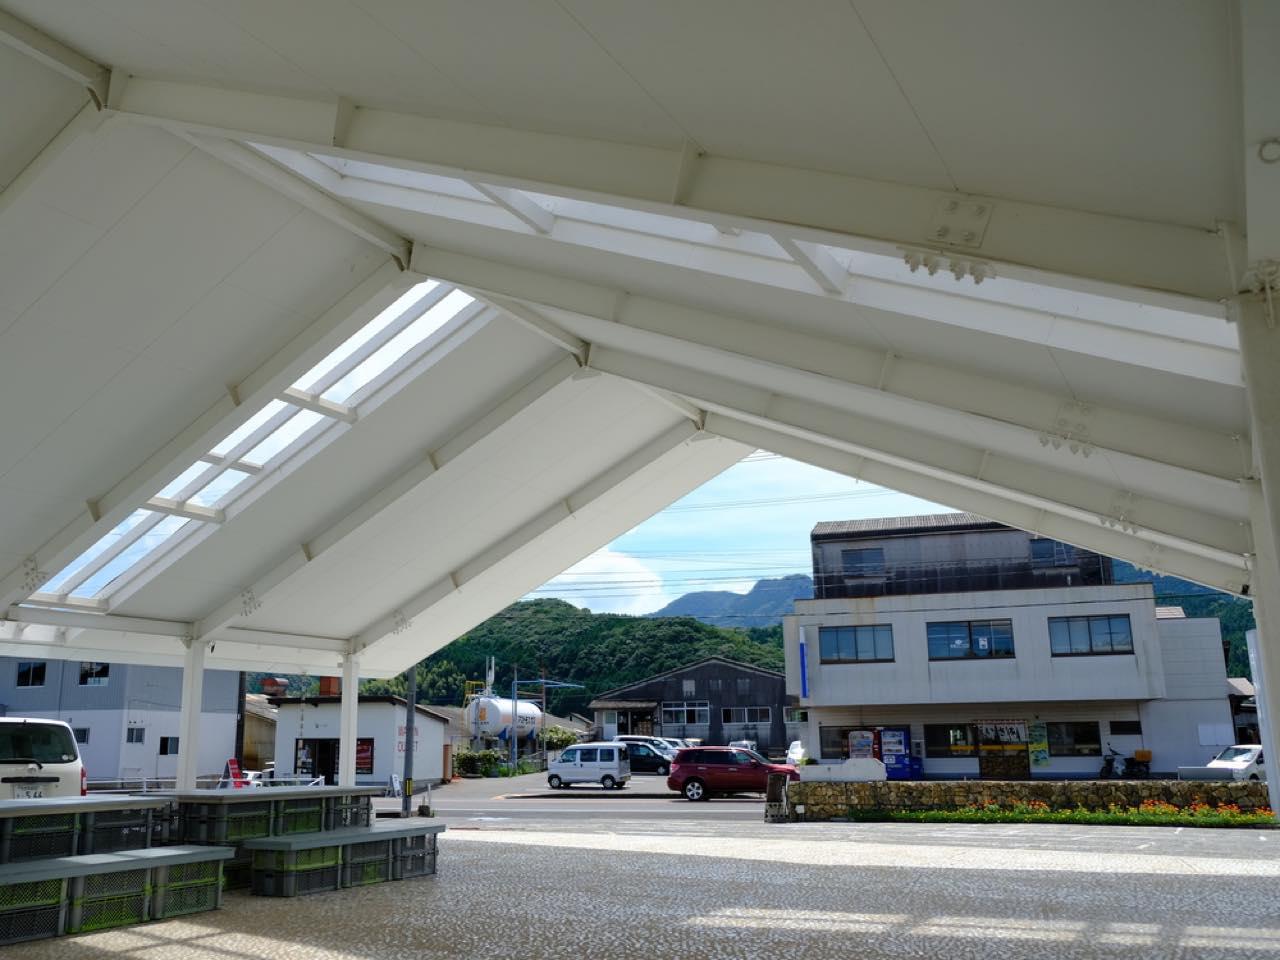 画像: 潜り抜ける大きな屋根は工場や作業所をモチーフに。